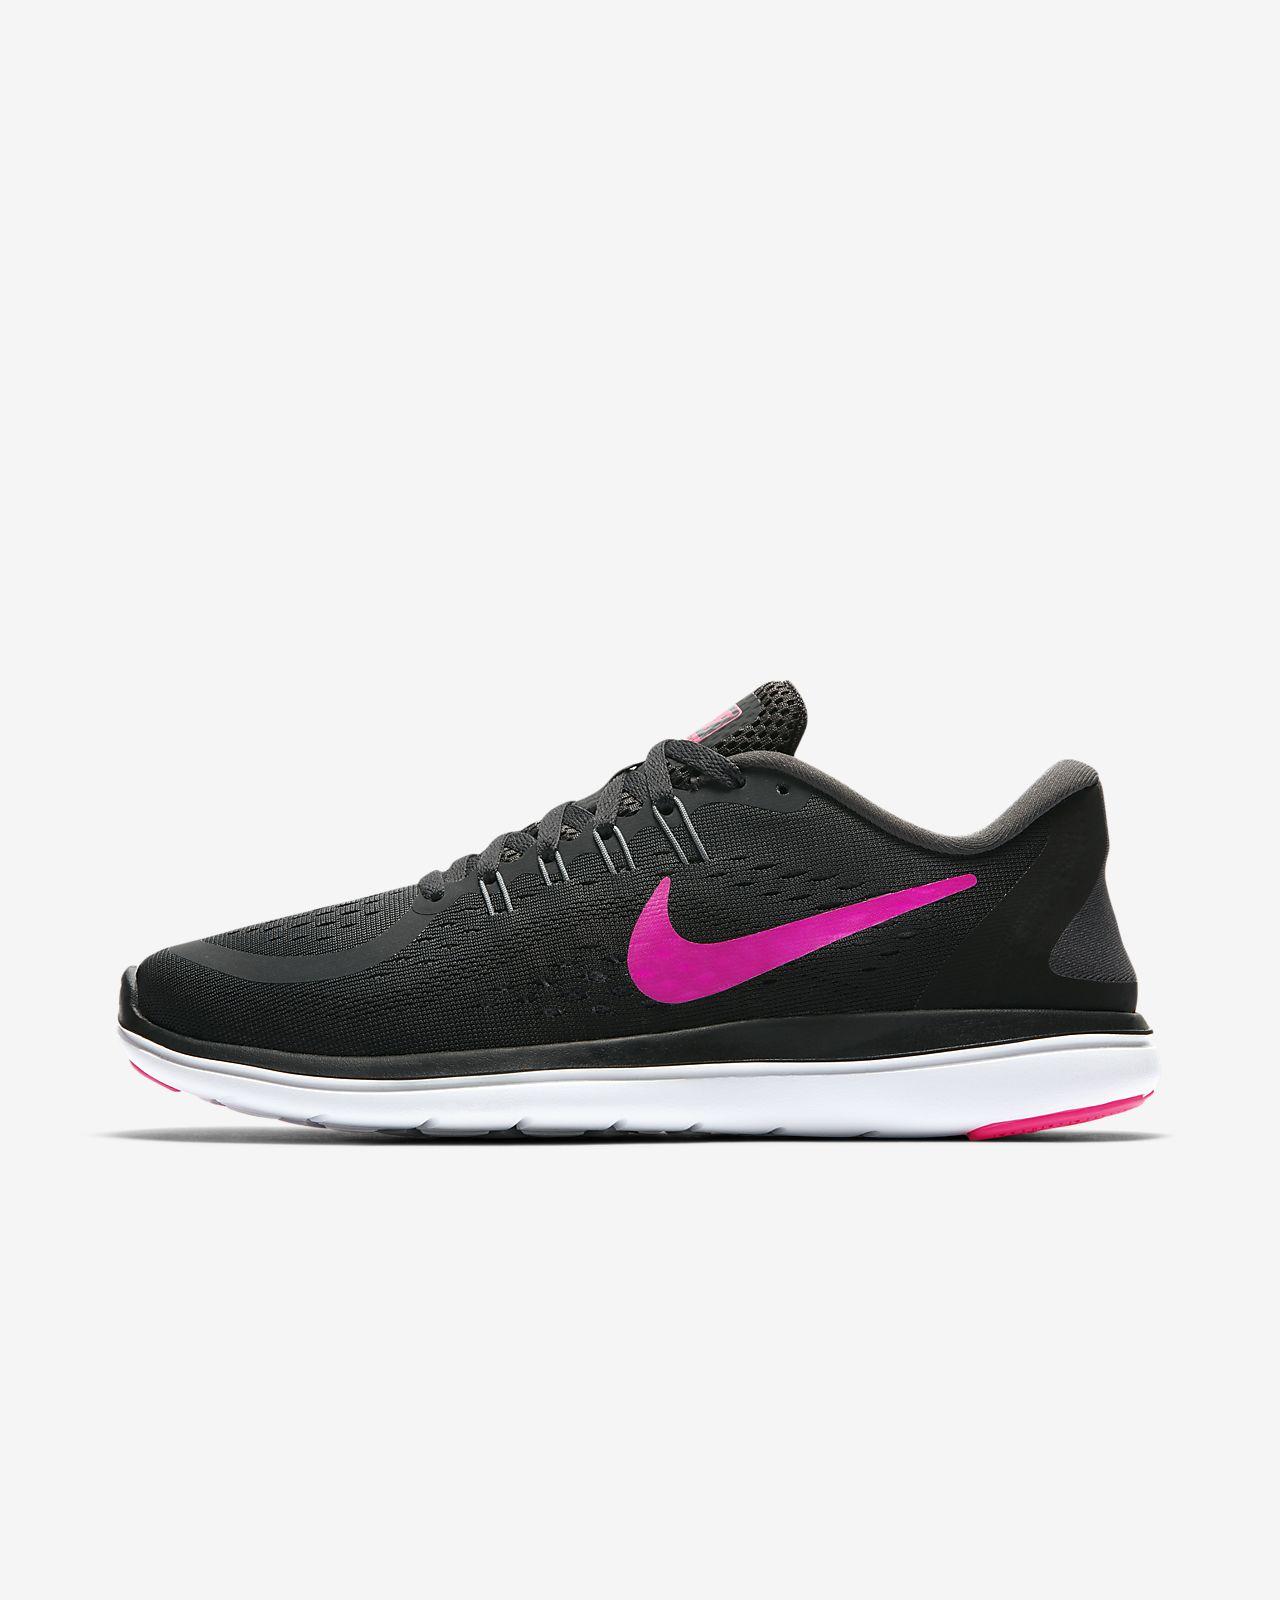 Nike »Wmns Flex Run 2017« Laufschuh, schwarz, anthrazit-pink